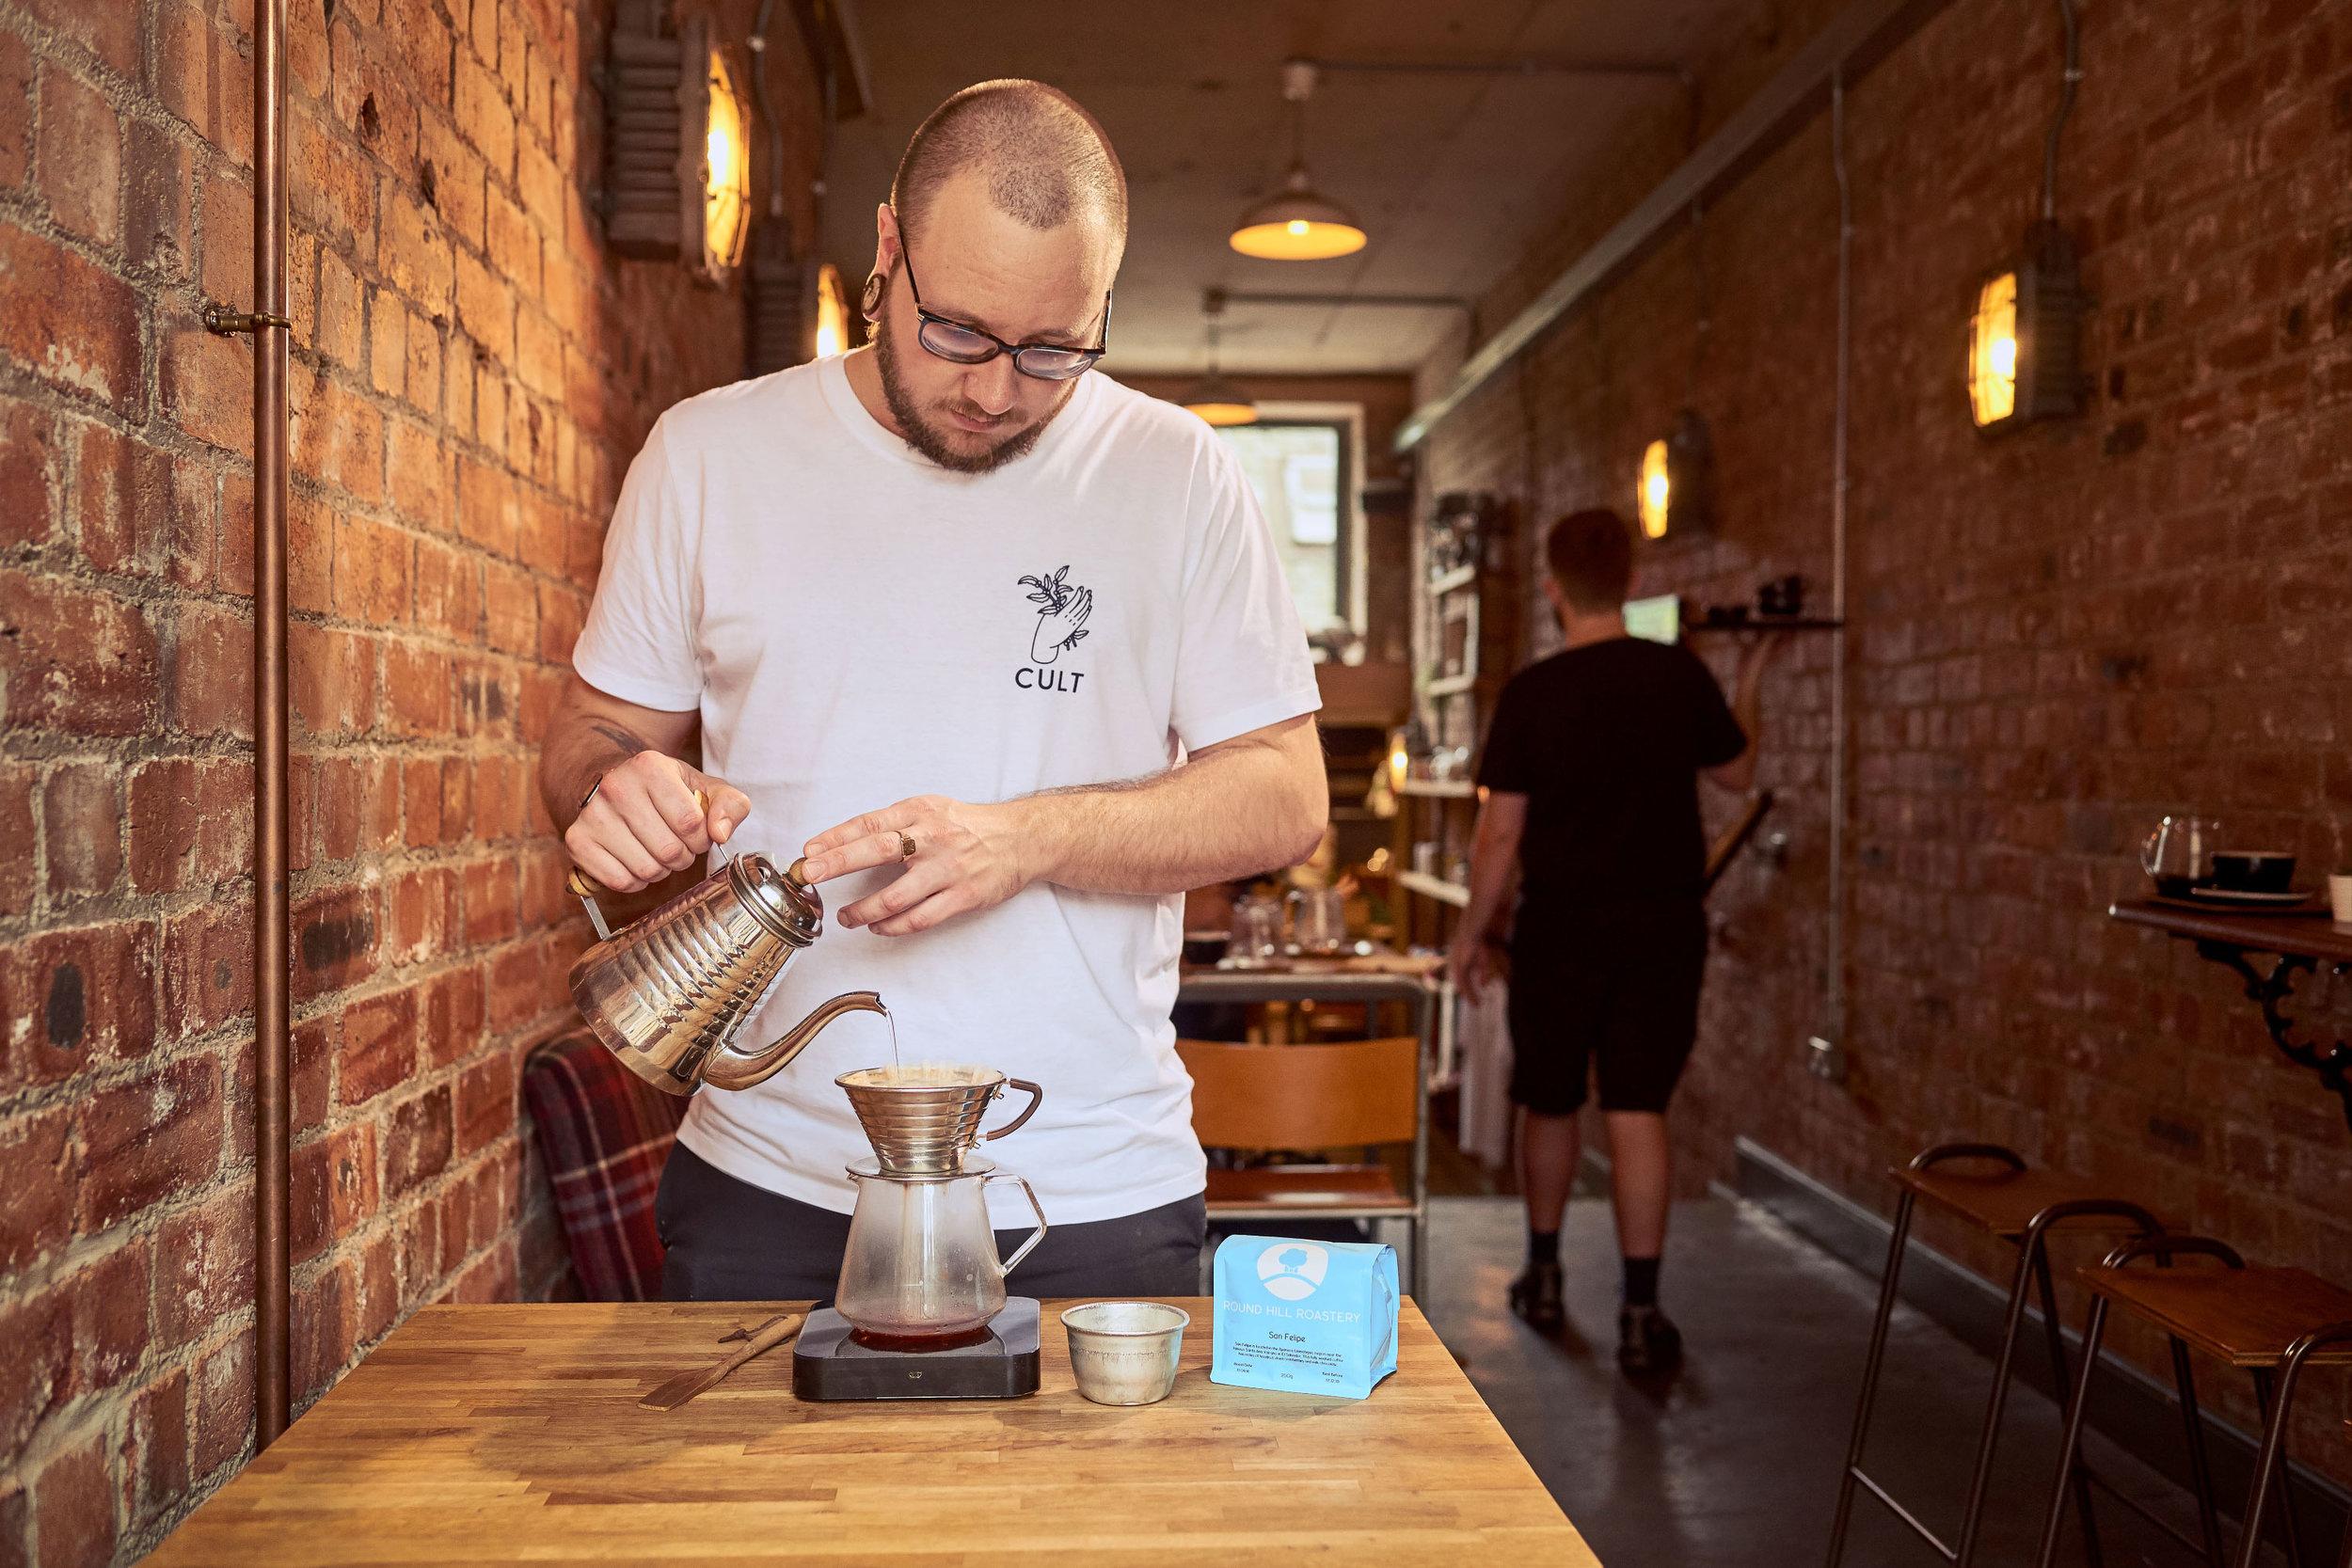 Tyrone-Stoddart_Cult-Espresso_03.jpg